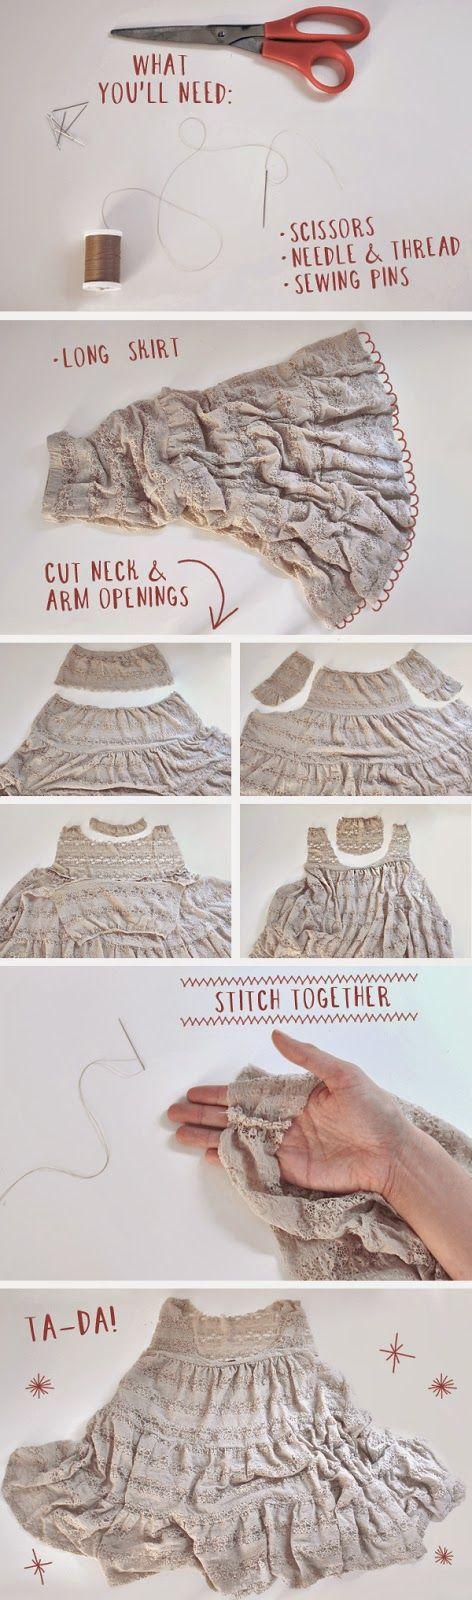 vestito-fai-da-te-DIY-Skirt-to-Slip-Dress-riciclare-una-gonna-lunga